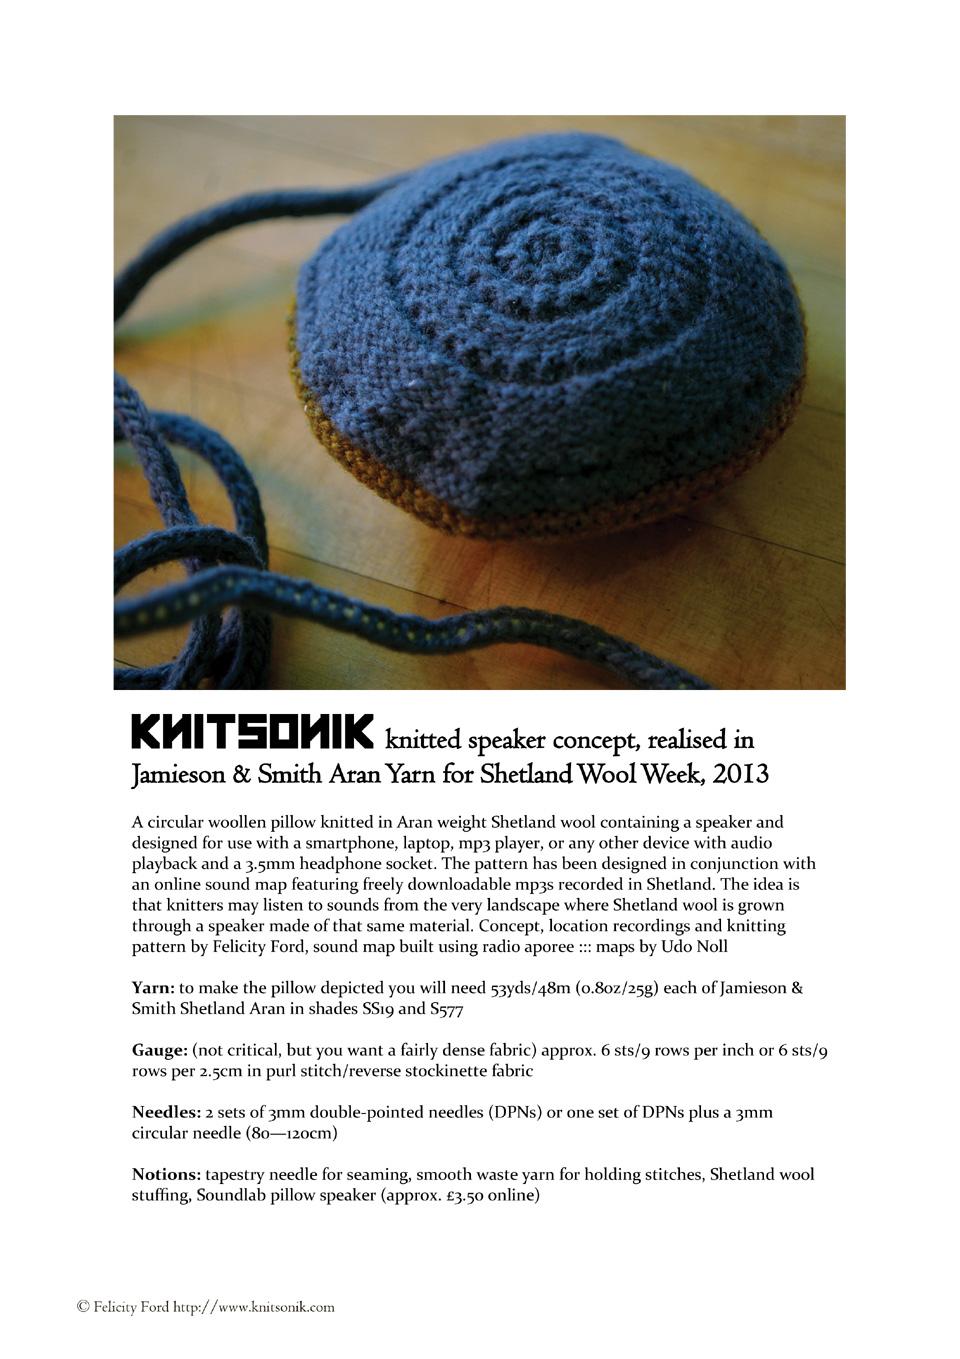 001_KnittedSpeakersPattern